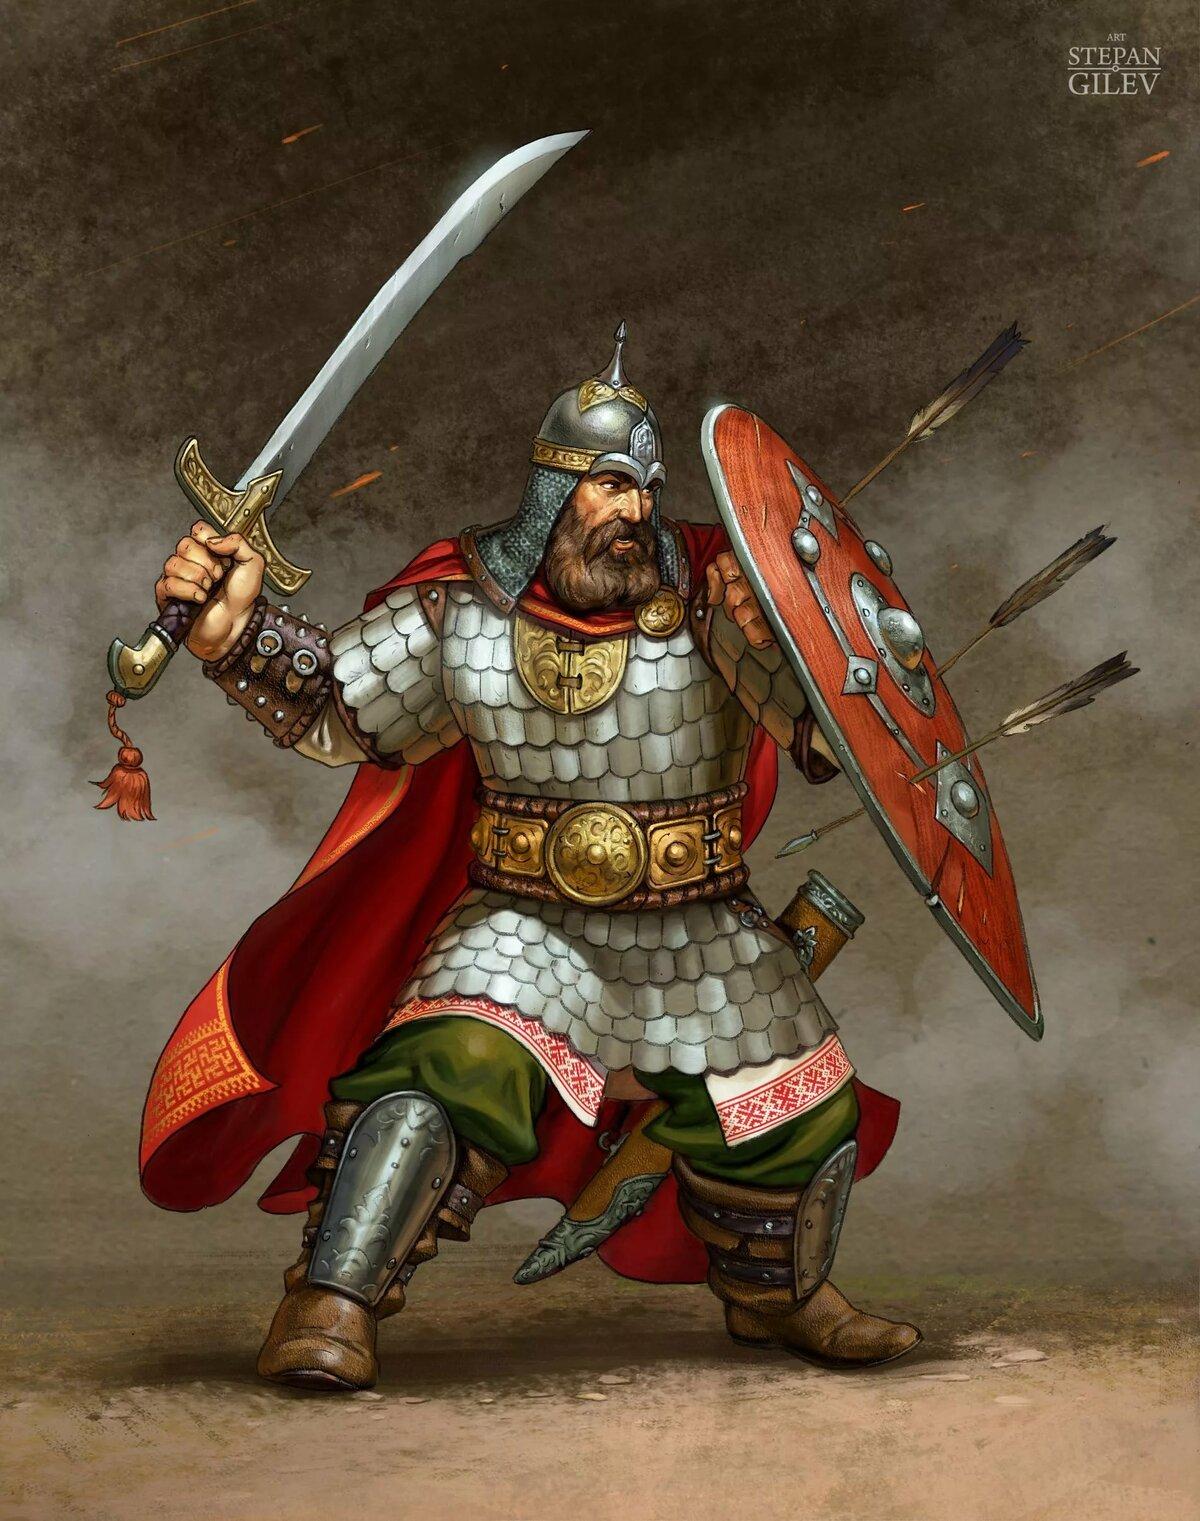 древнерусский воин картинки продаже загородных домов